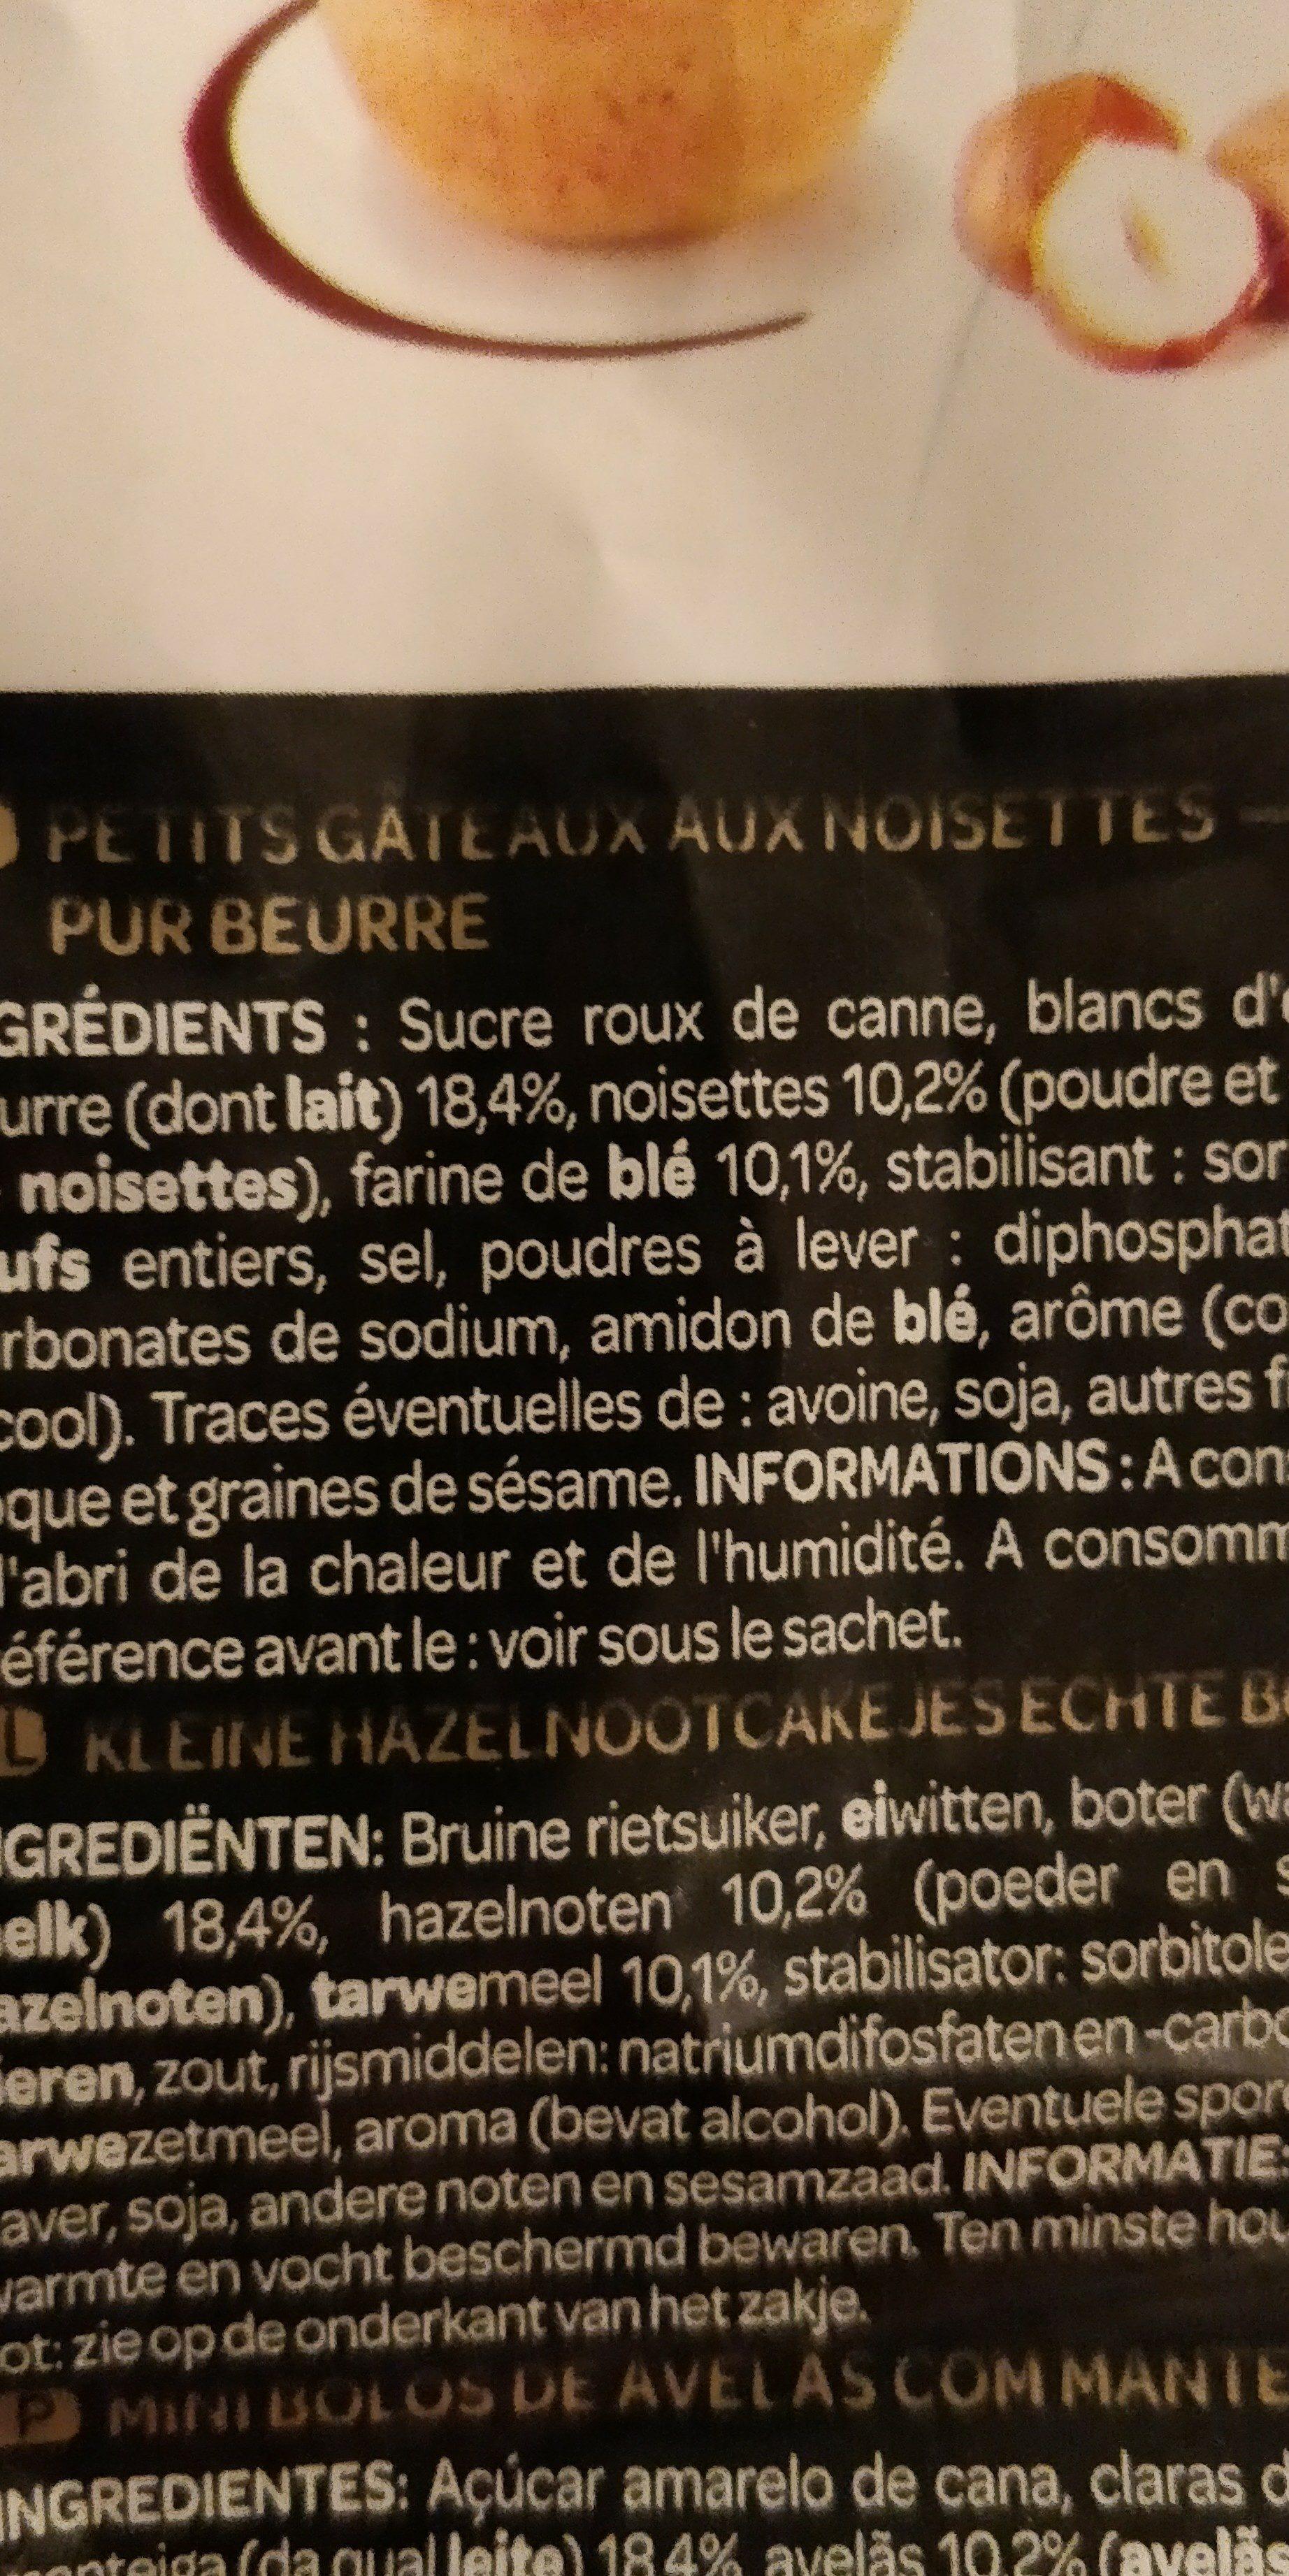 Les Créations Les Fabuleux mini moelleux aux noisettes le paquet de 210 g - Ingrédients - fr